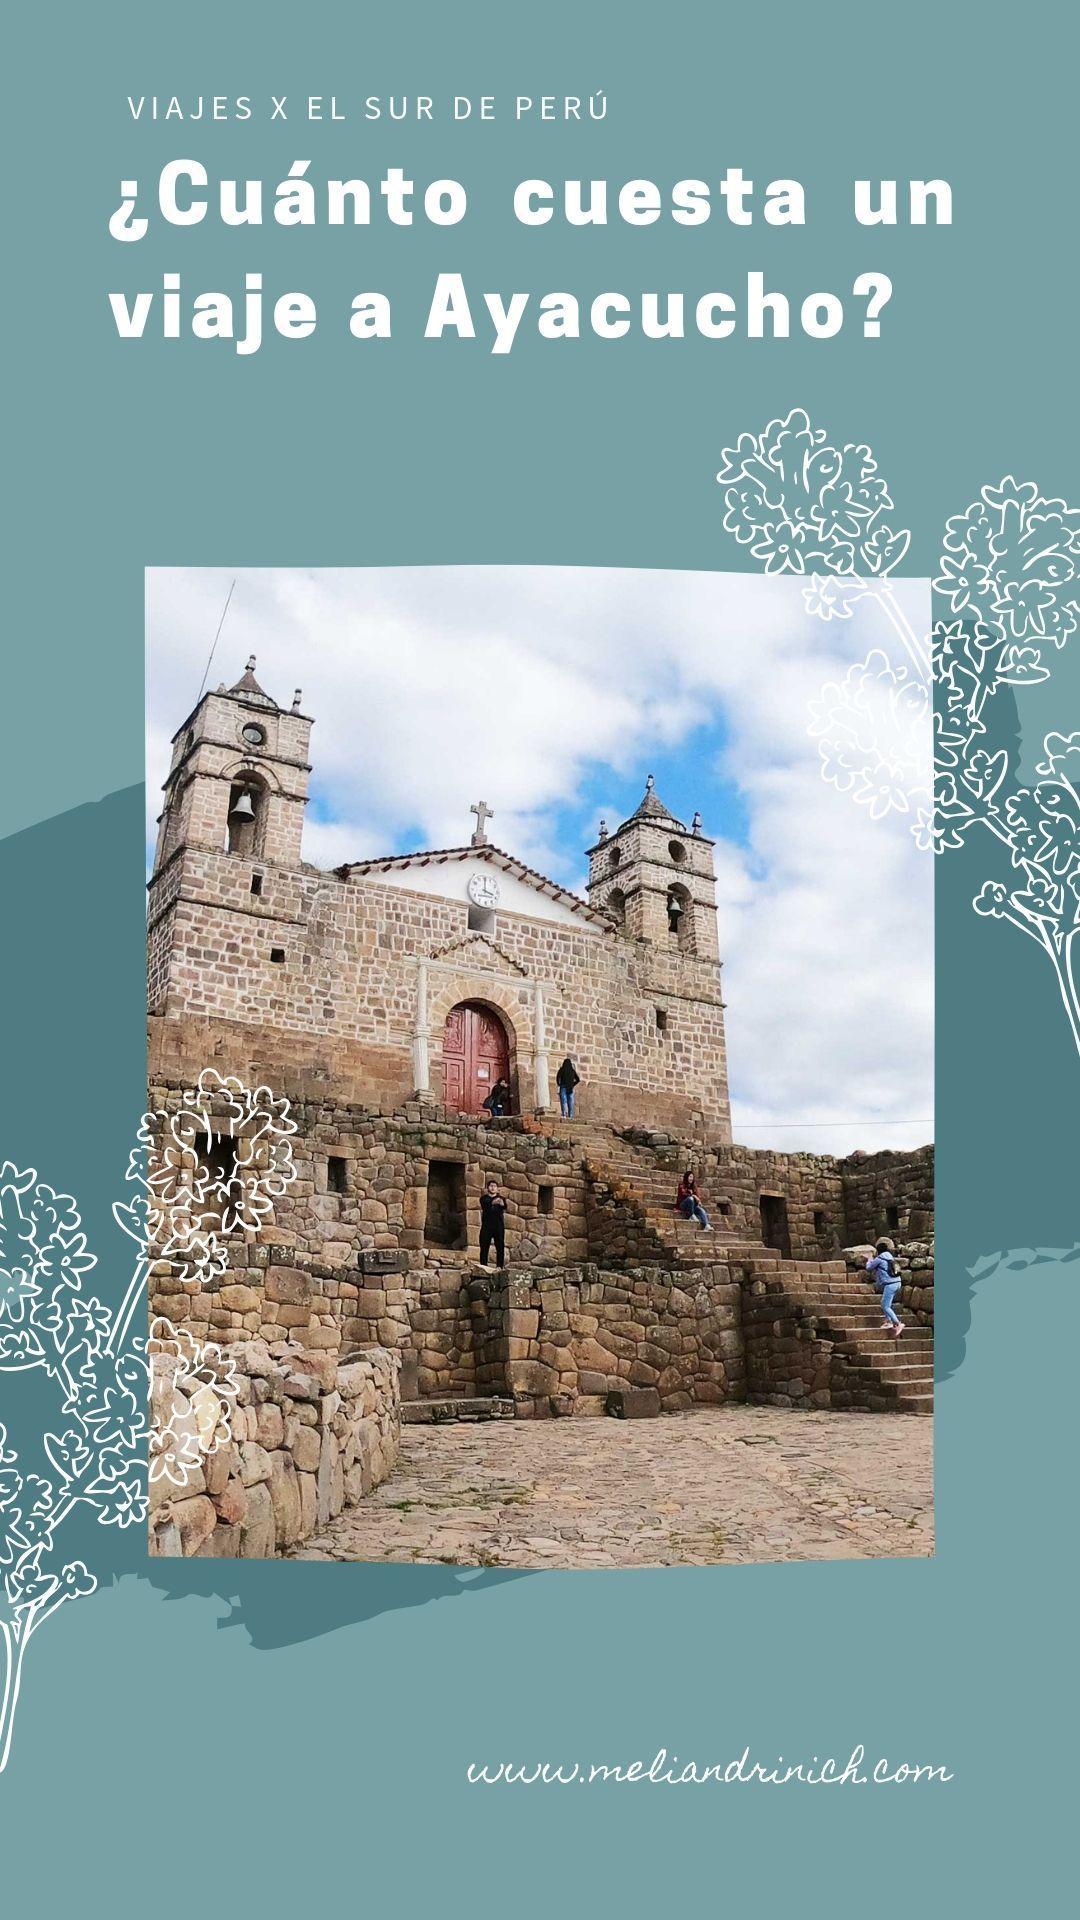 Cuanto Cuesta Un Viaje A Ayacucho Con Imagenes Viajes